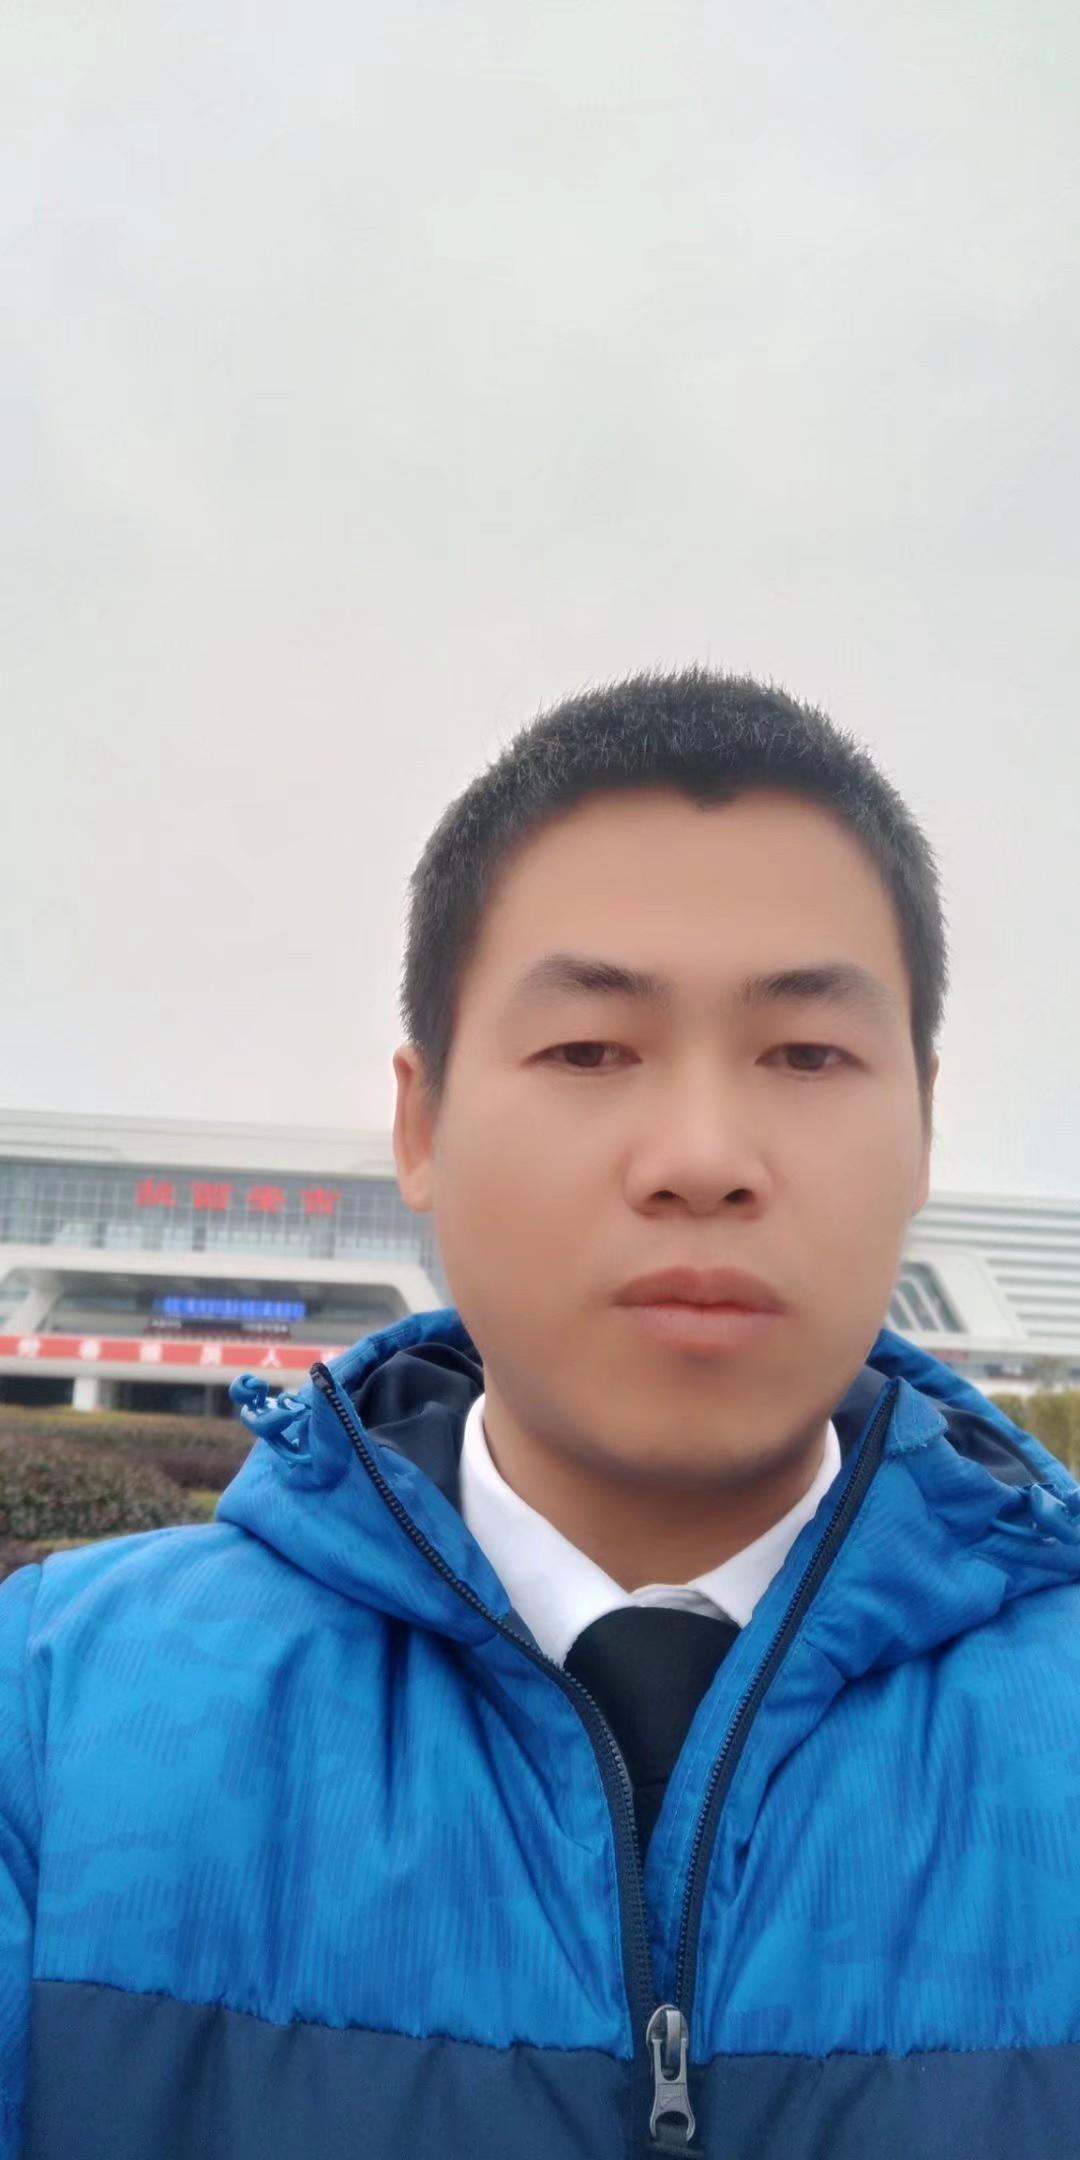 tang yiming的照片